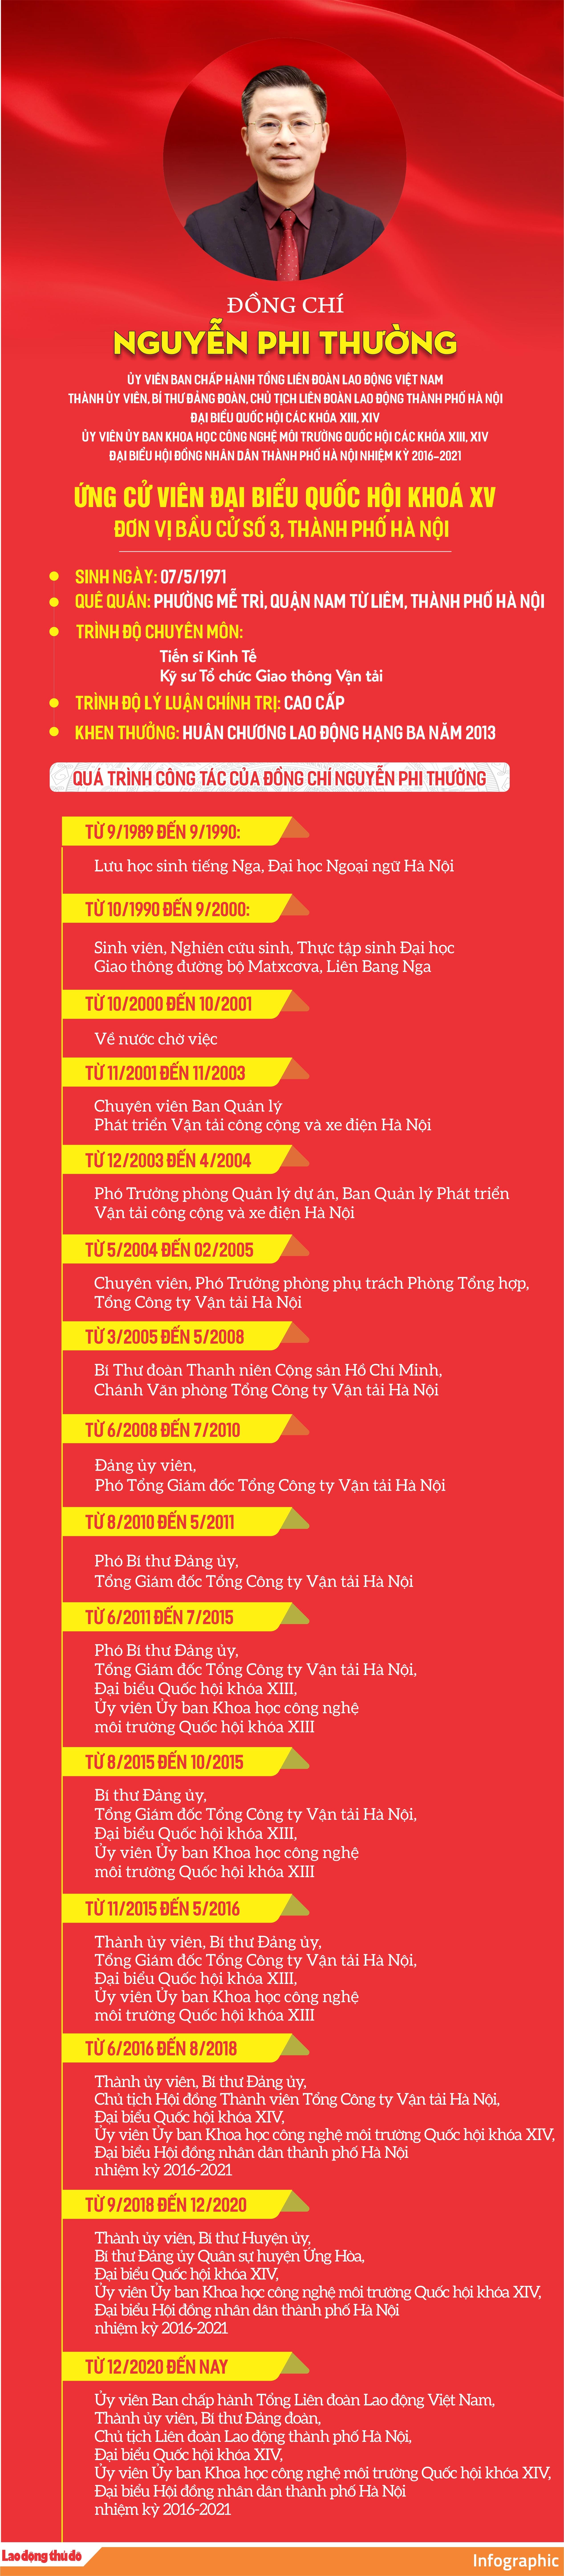 [Infographics] Ứng cử viên Đại biểu Quốc hội khóa XV Nguyễn Phi Thường